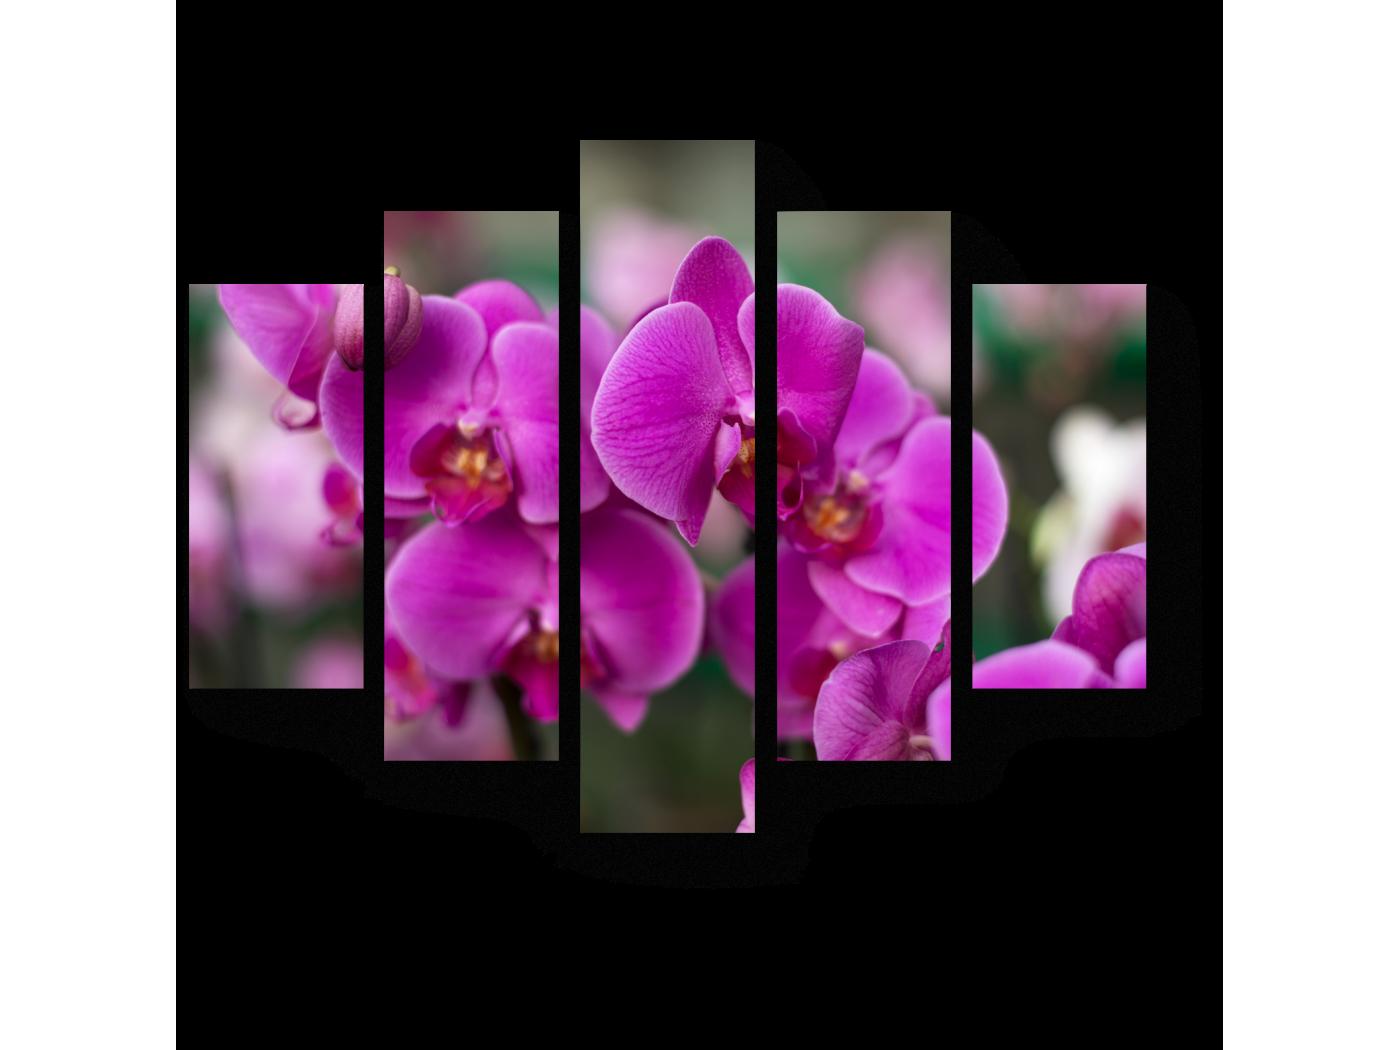 картина для распечатки орхидея этом фильме много